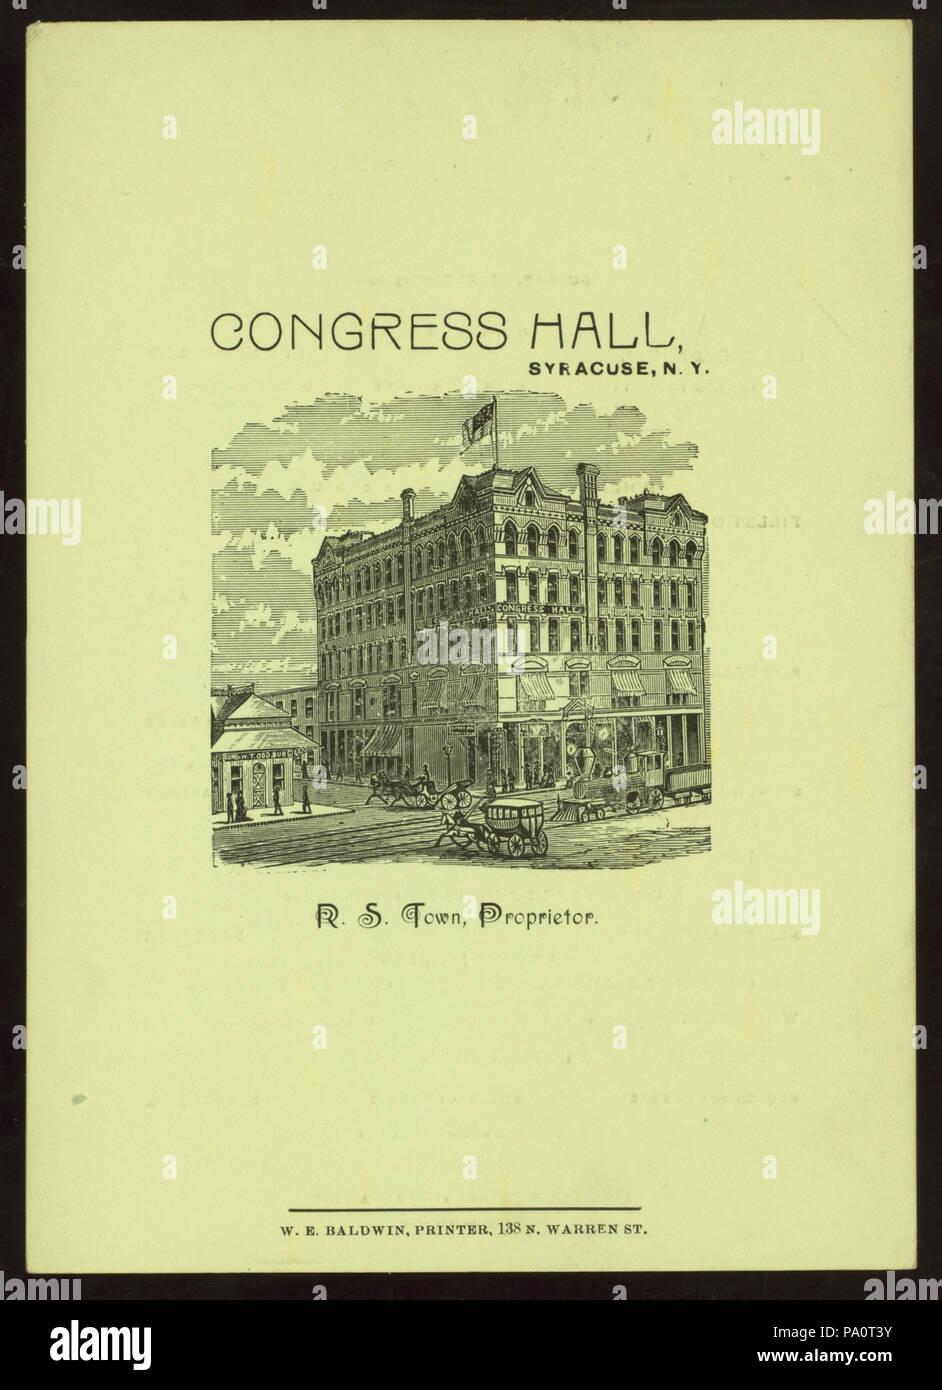 538 DINNER (held by) CONGRESS HALL (at) SYRACUSE NY (HOTEL;) (NYPL Hades-275227-4000011839) - Stock Image